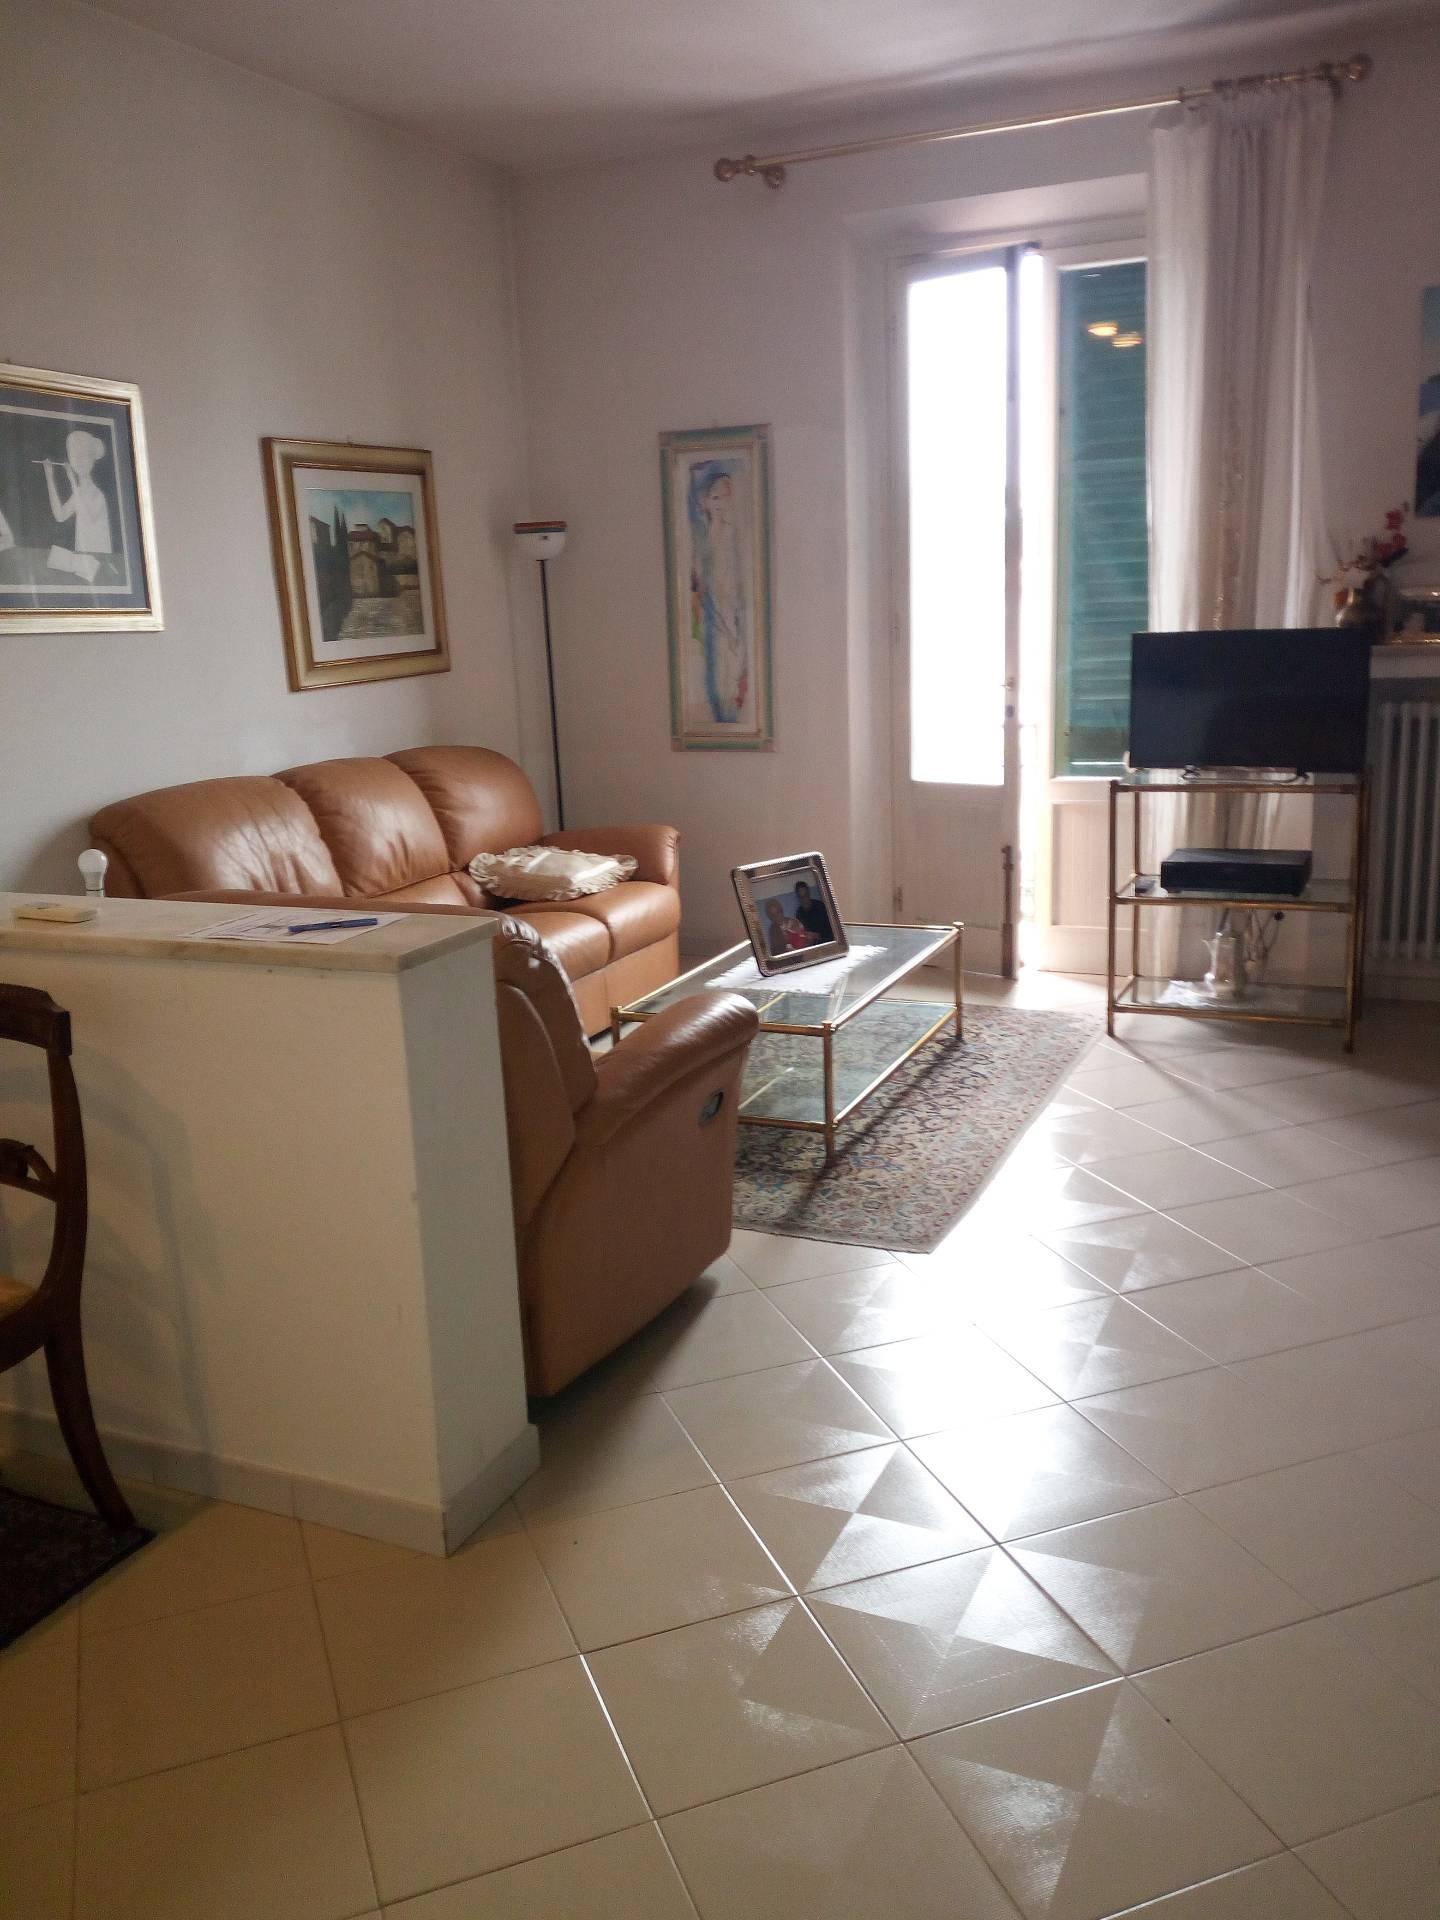 Appartamento in affitto a Empoli, 5 locali, zona Località: Est, prezzo € 850 | PortaleAgenzieImmobiliari.it